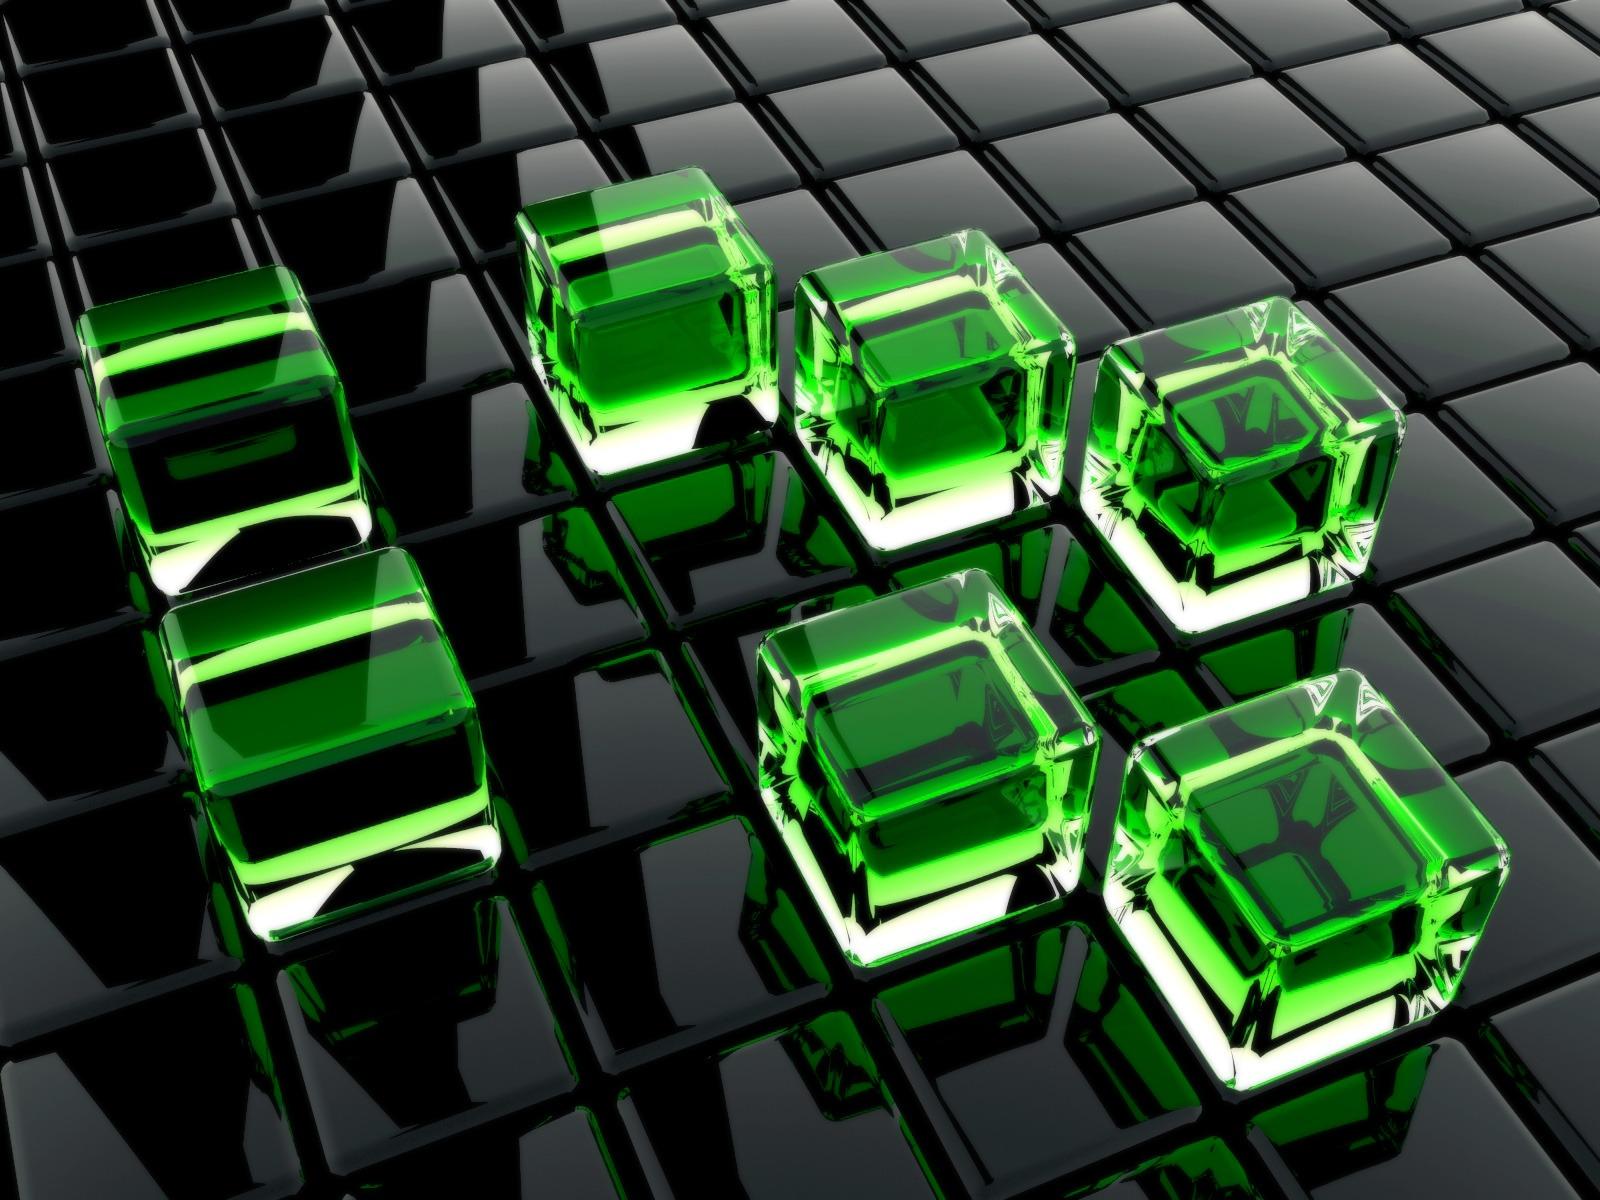 http://4.bp.blogspot.com/-WcMDIHO_Bl8/Tn35J5BfrvI/AAAAAAAAAHg/ZLWJNhGldPw/s1600/delicious-poison-1600-1200-3052.jpg